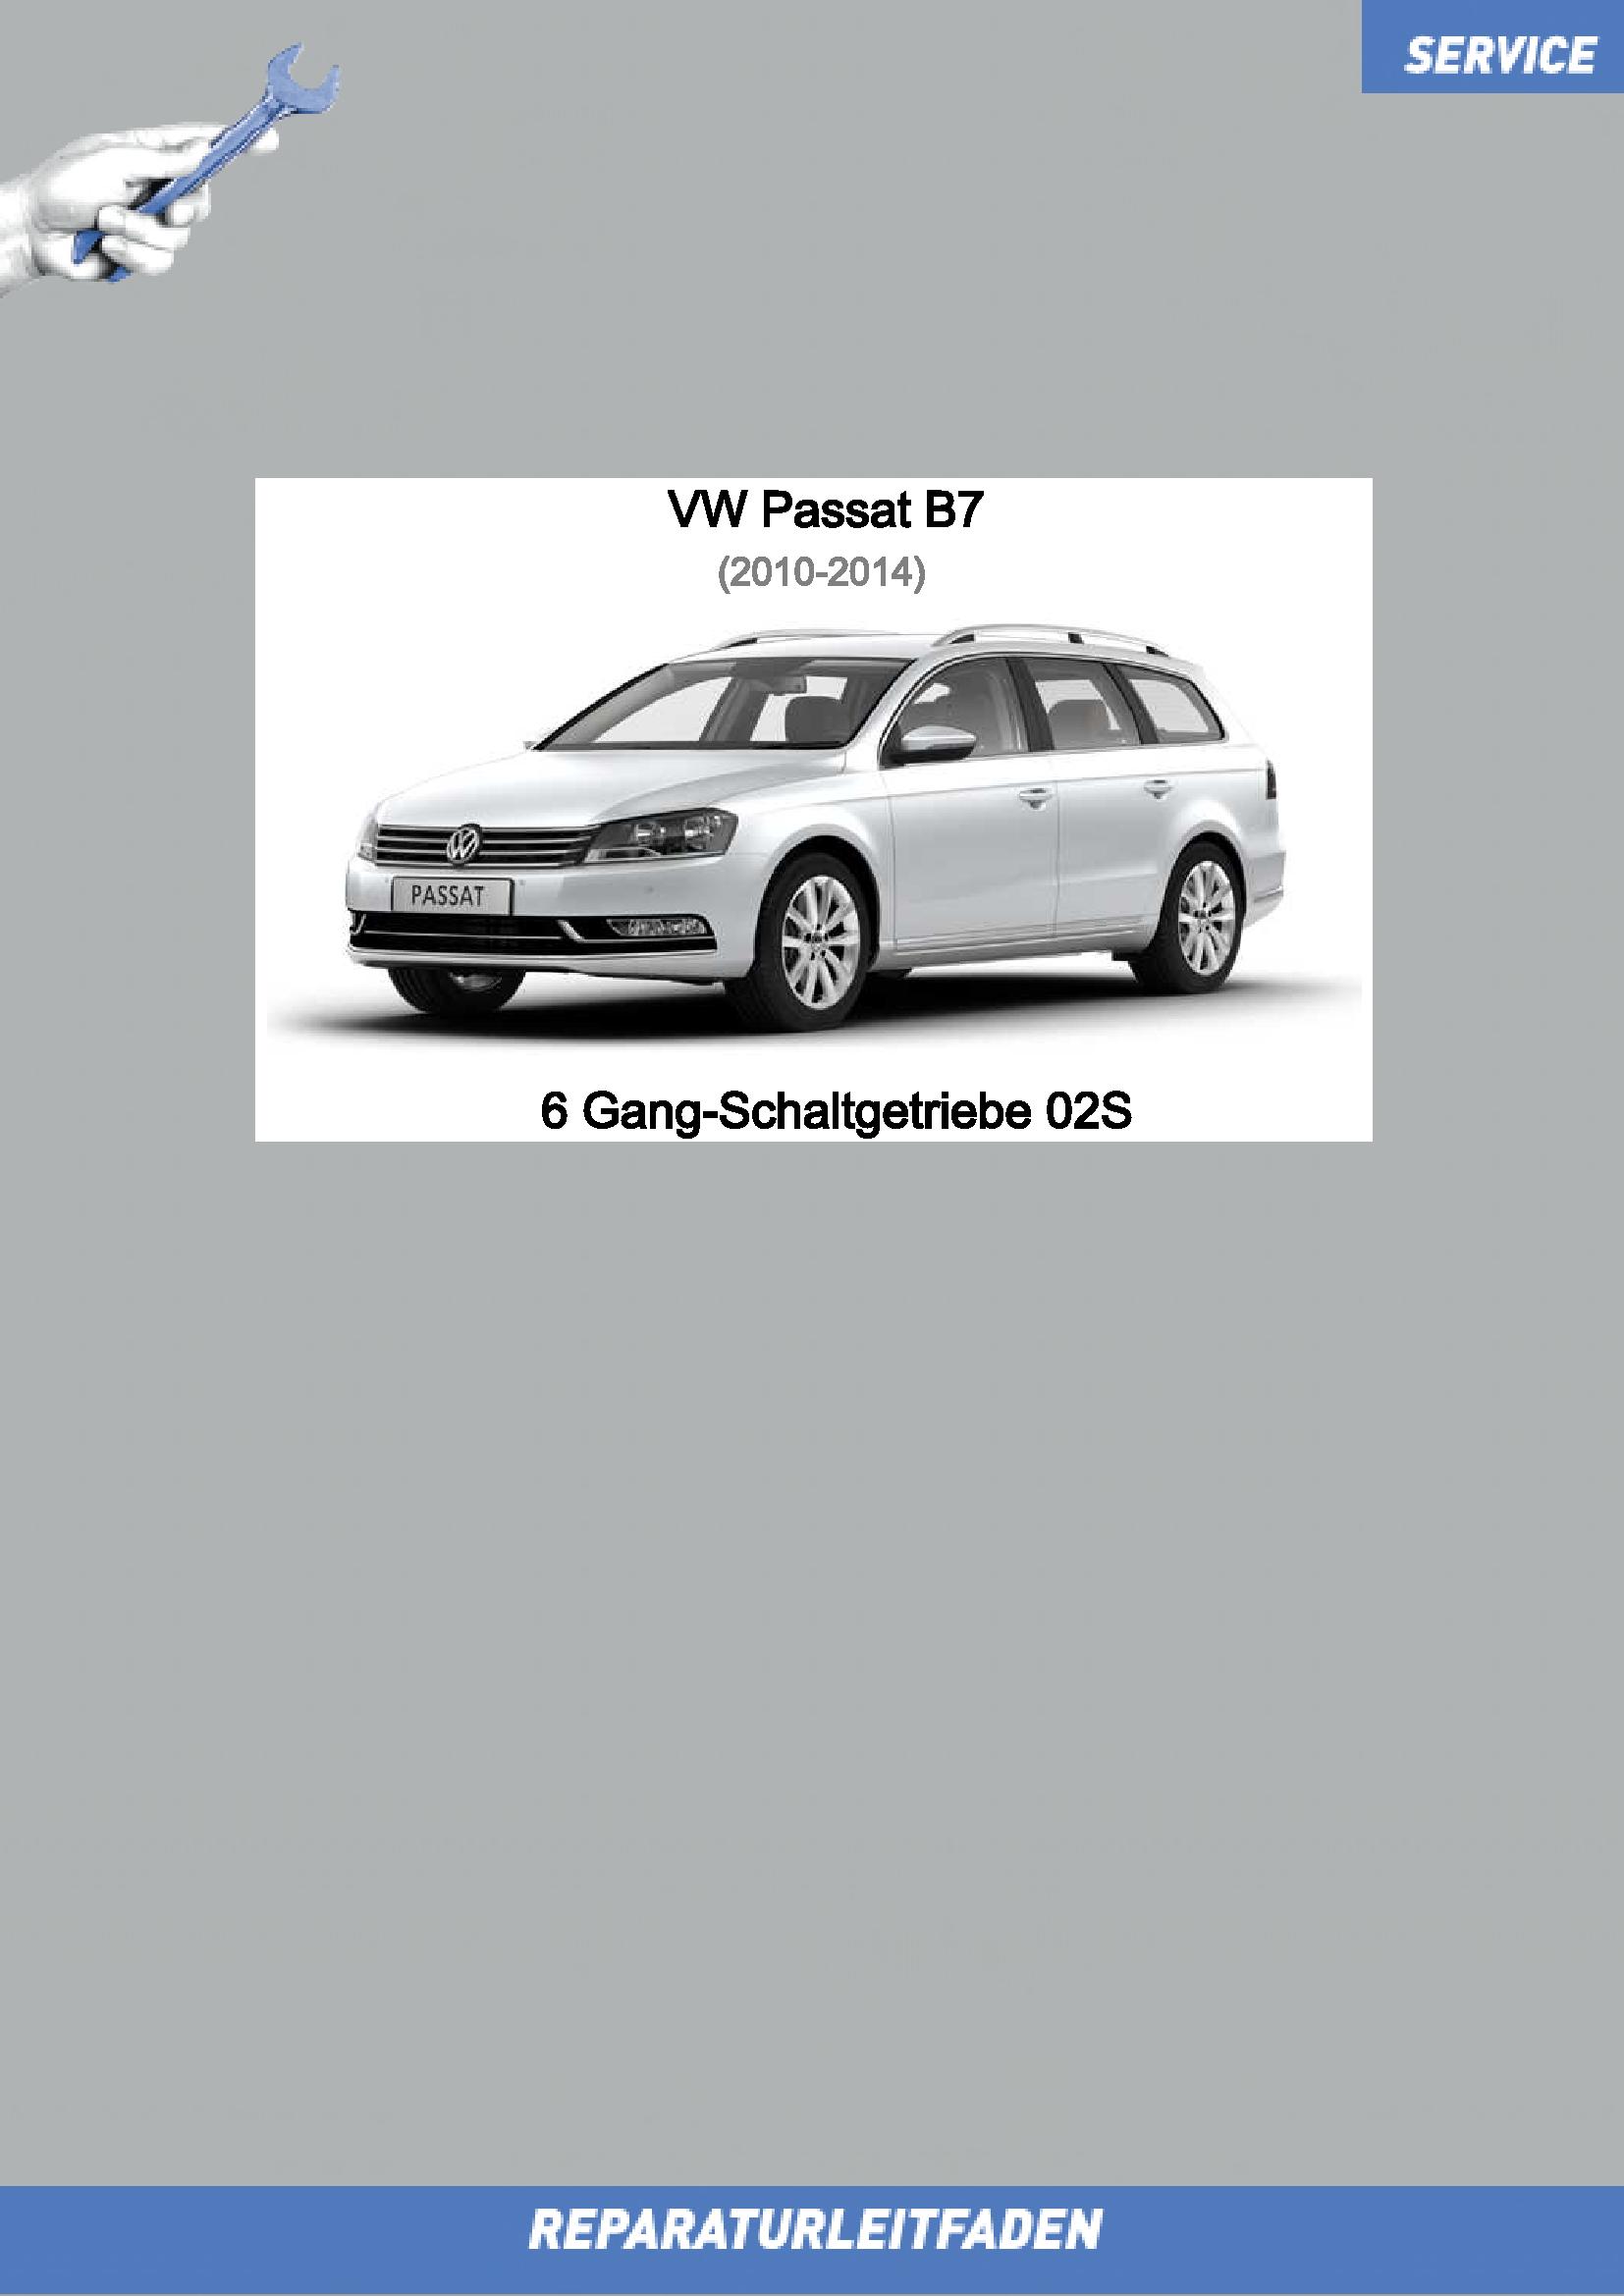 vw-passat-36-0015-6_gang_schaltgetriebe_02s_1.png